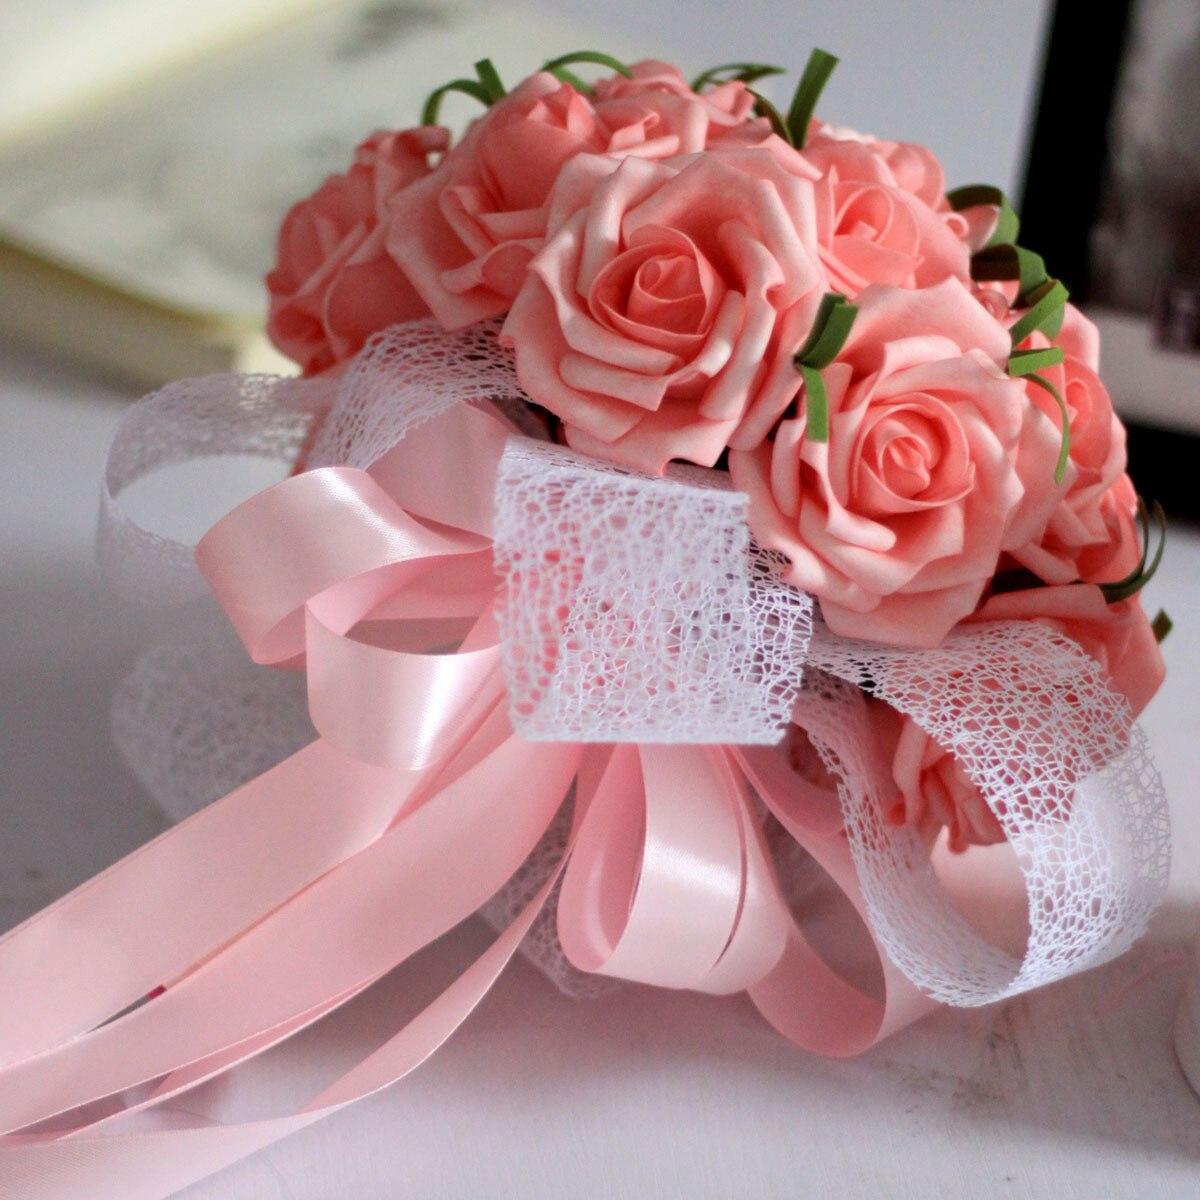 New Year Romantic Pink Ribbon Rose Wedding Bridal Bridesmaid